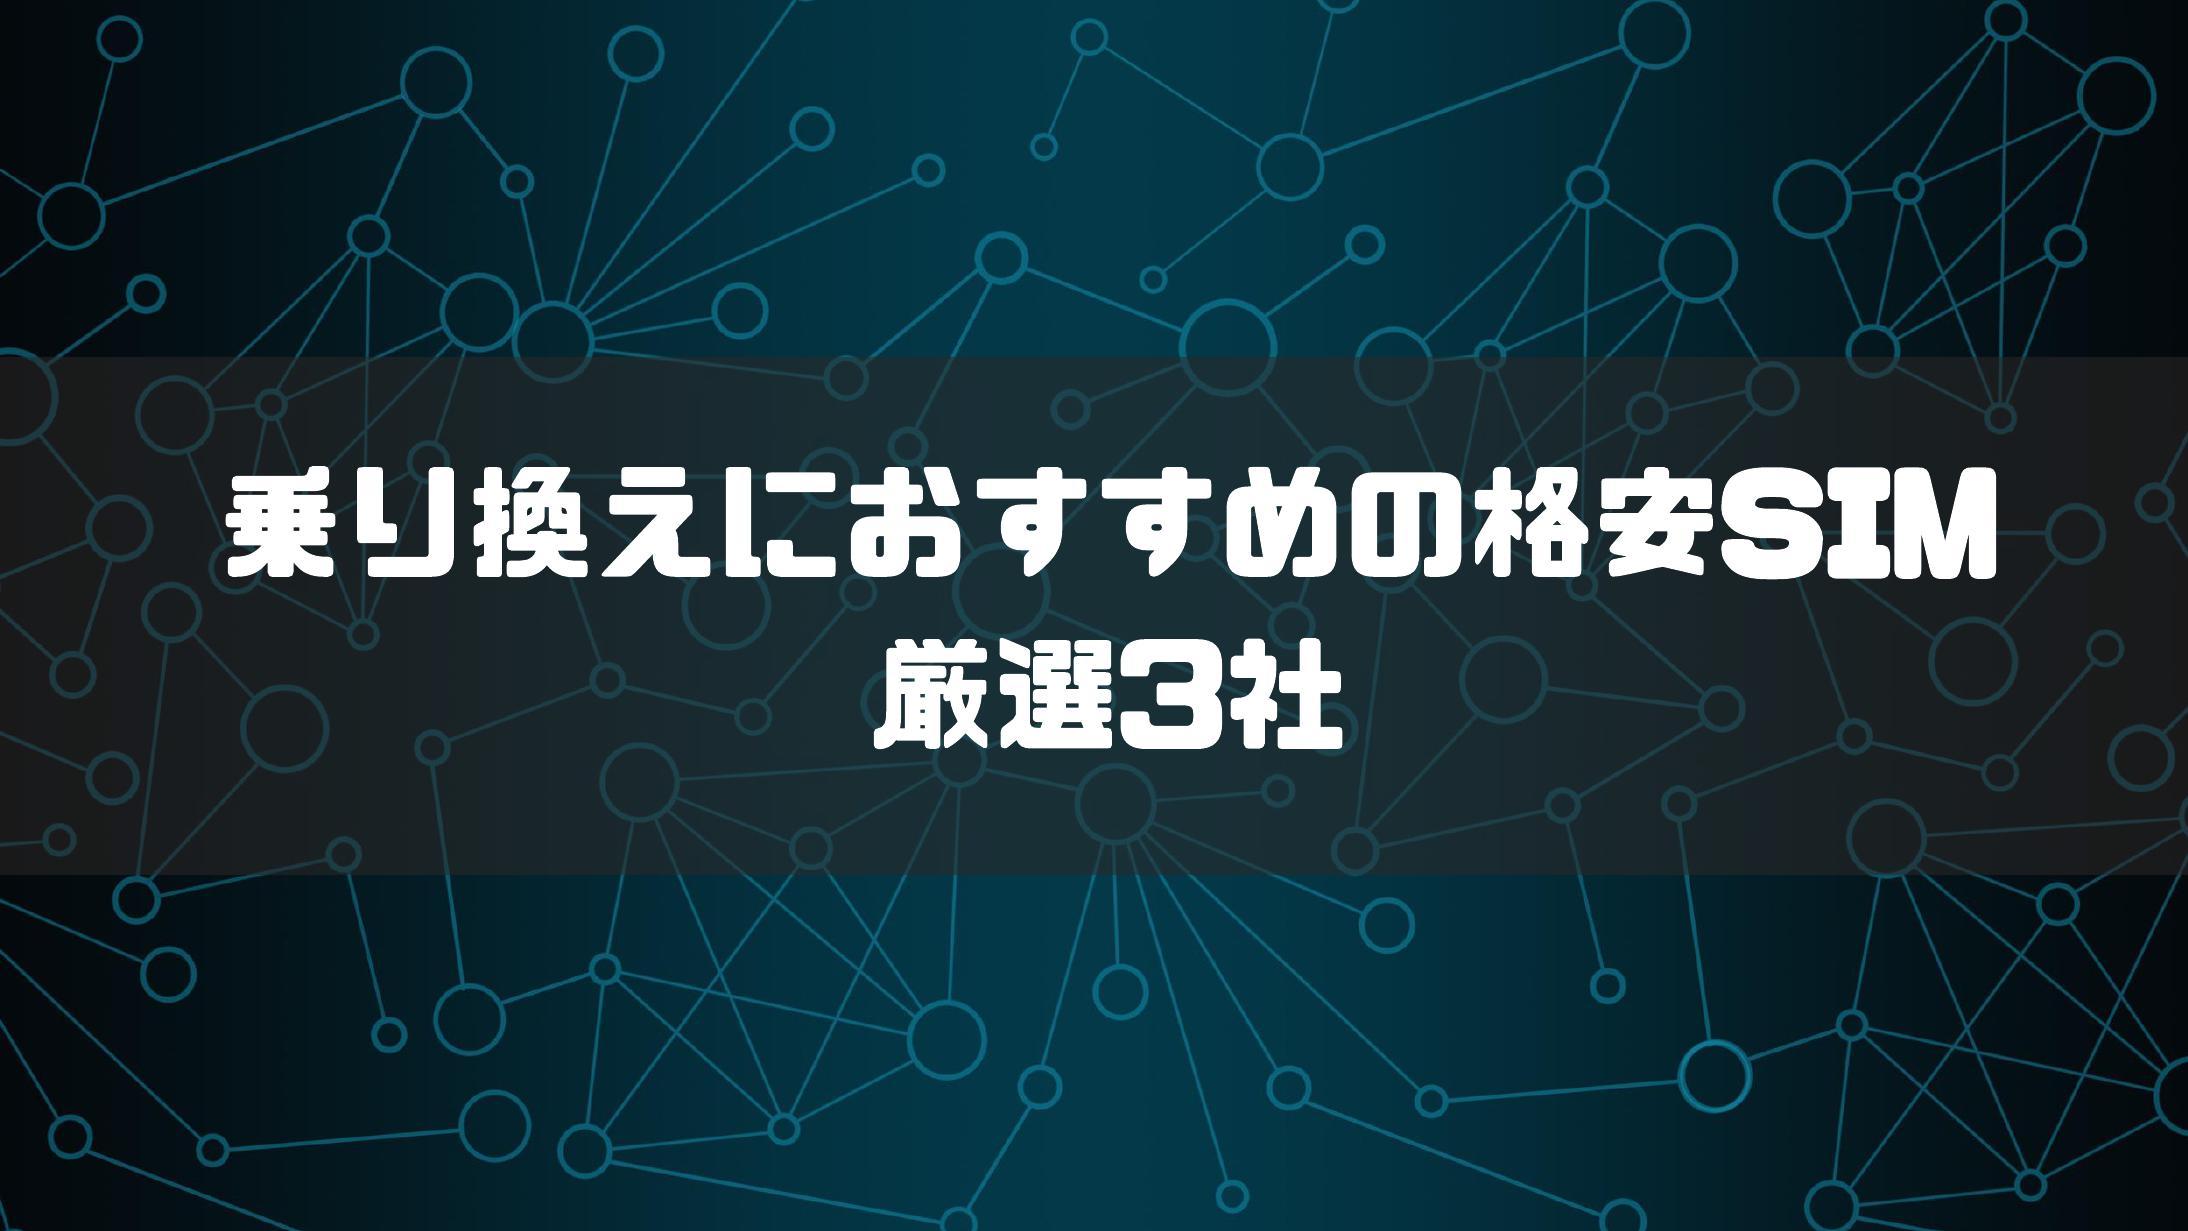 DMMモバイル_おすすめの格安SIM